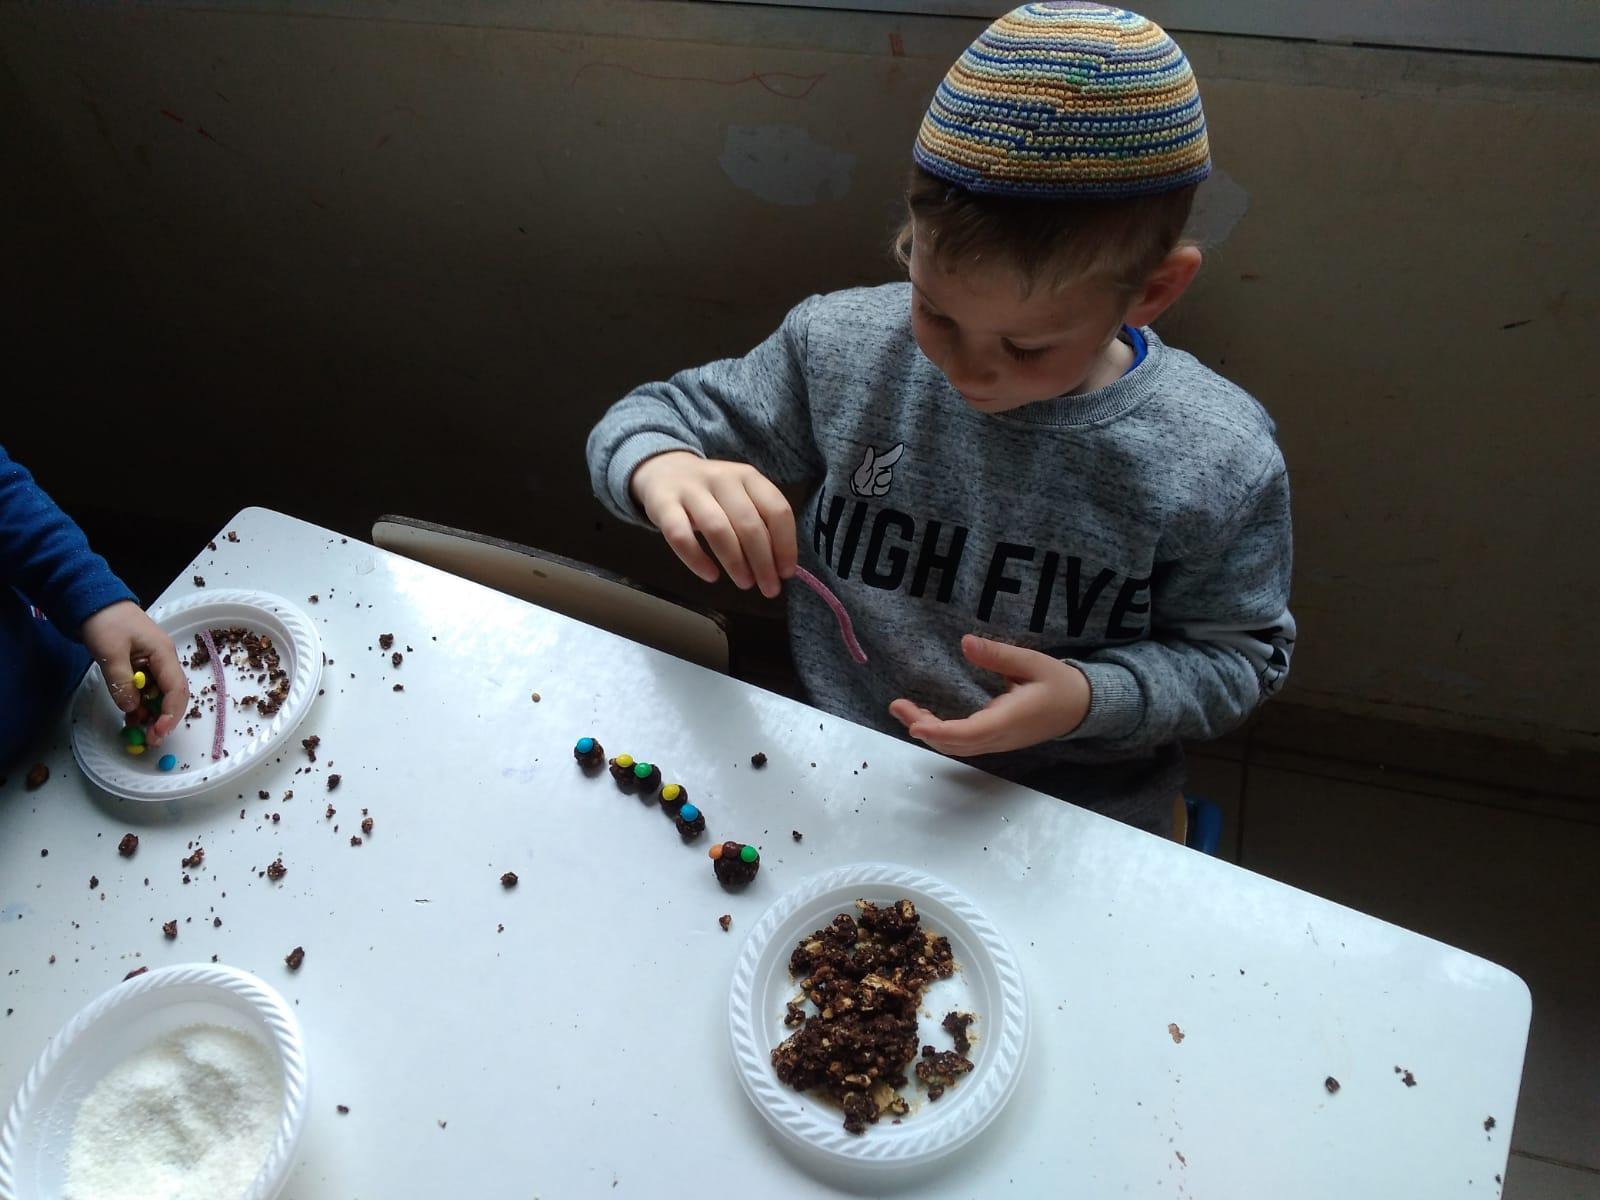 מכינים כדורי שוקולד